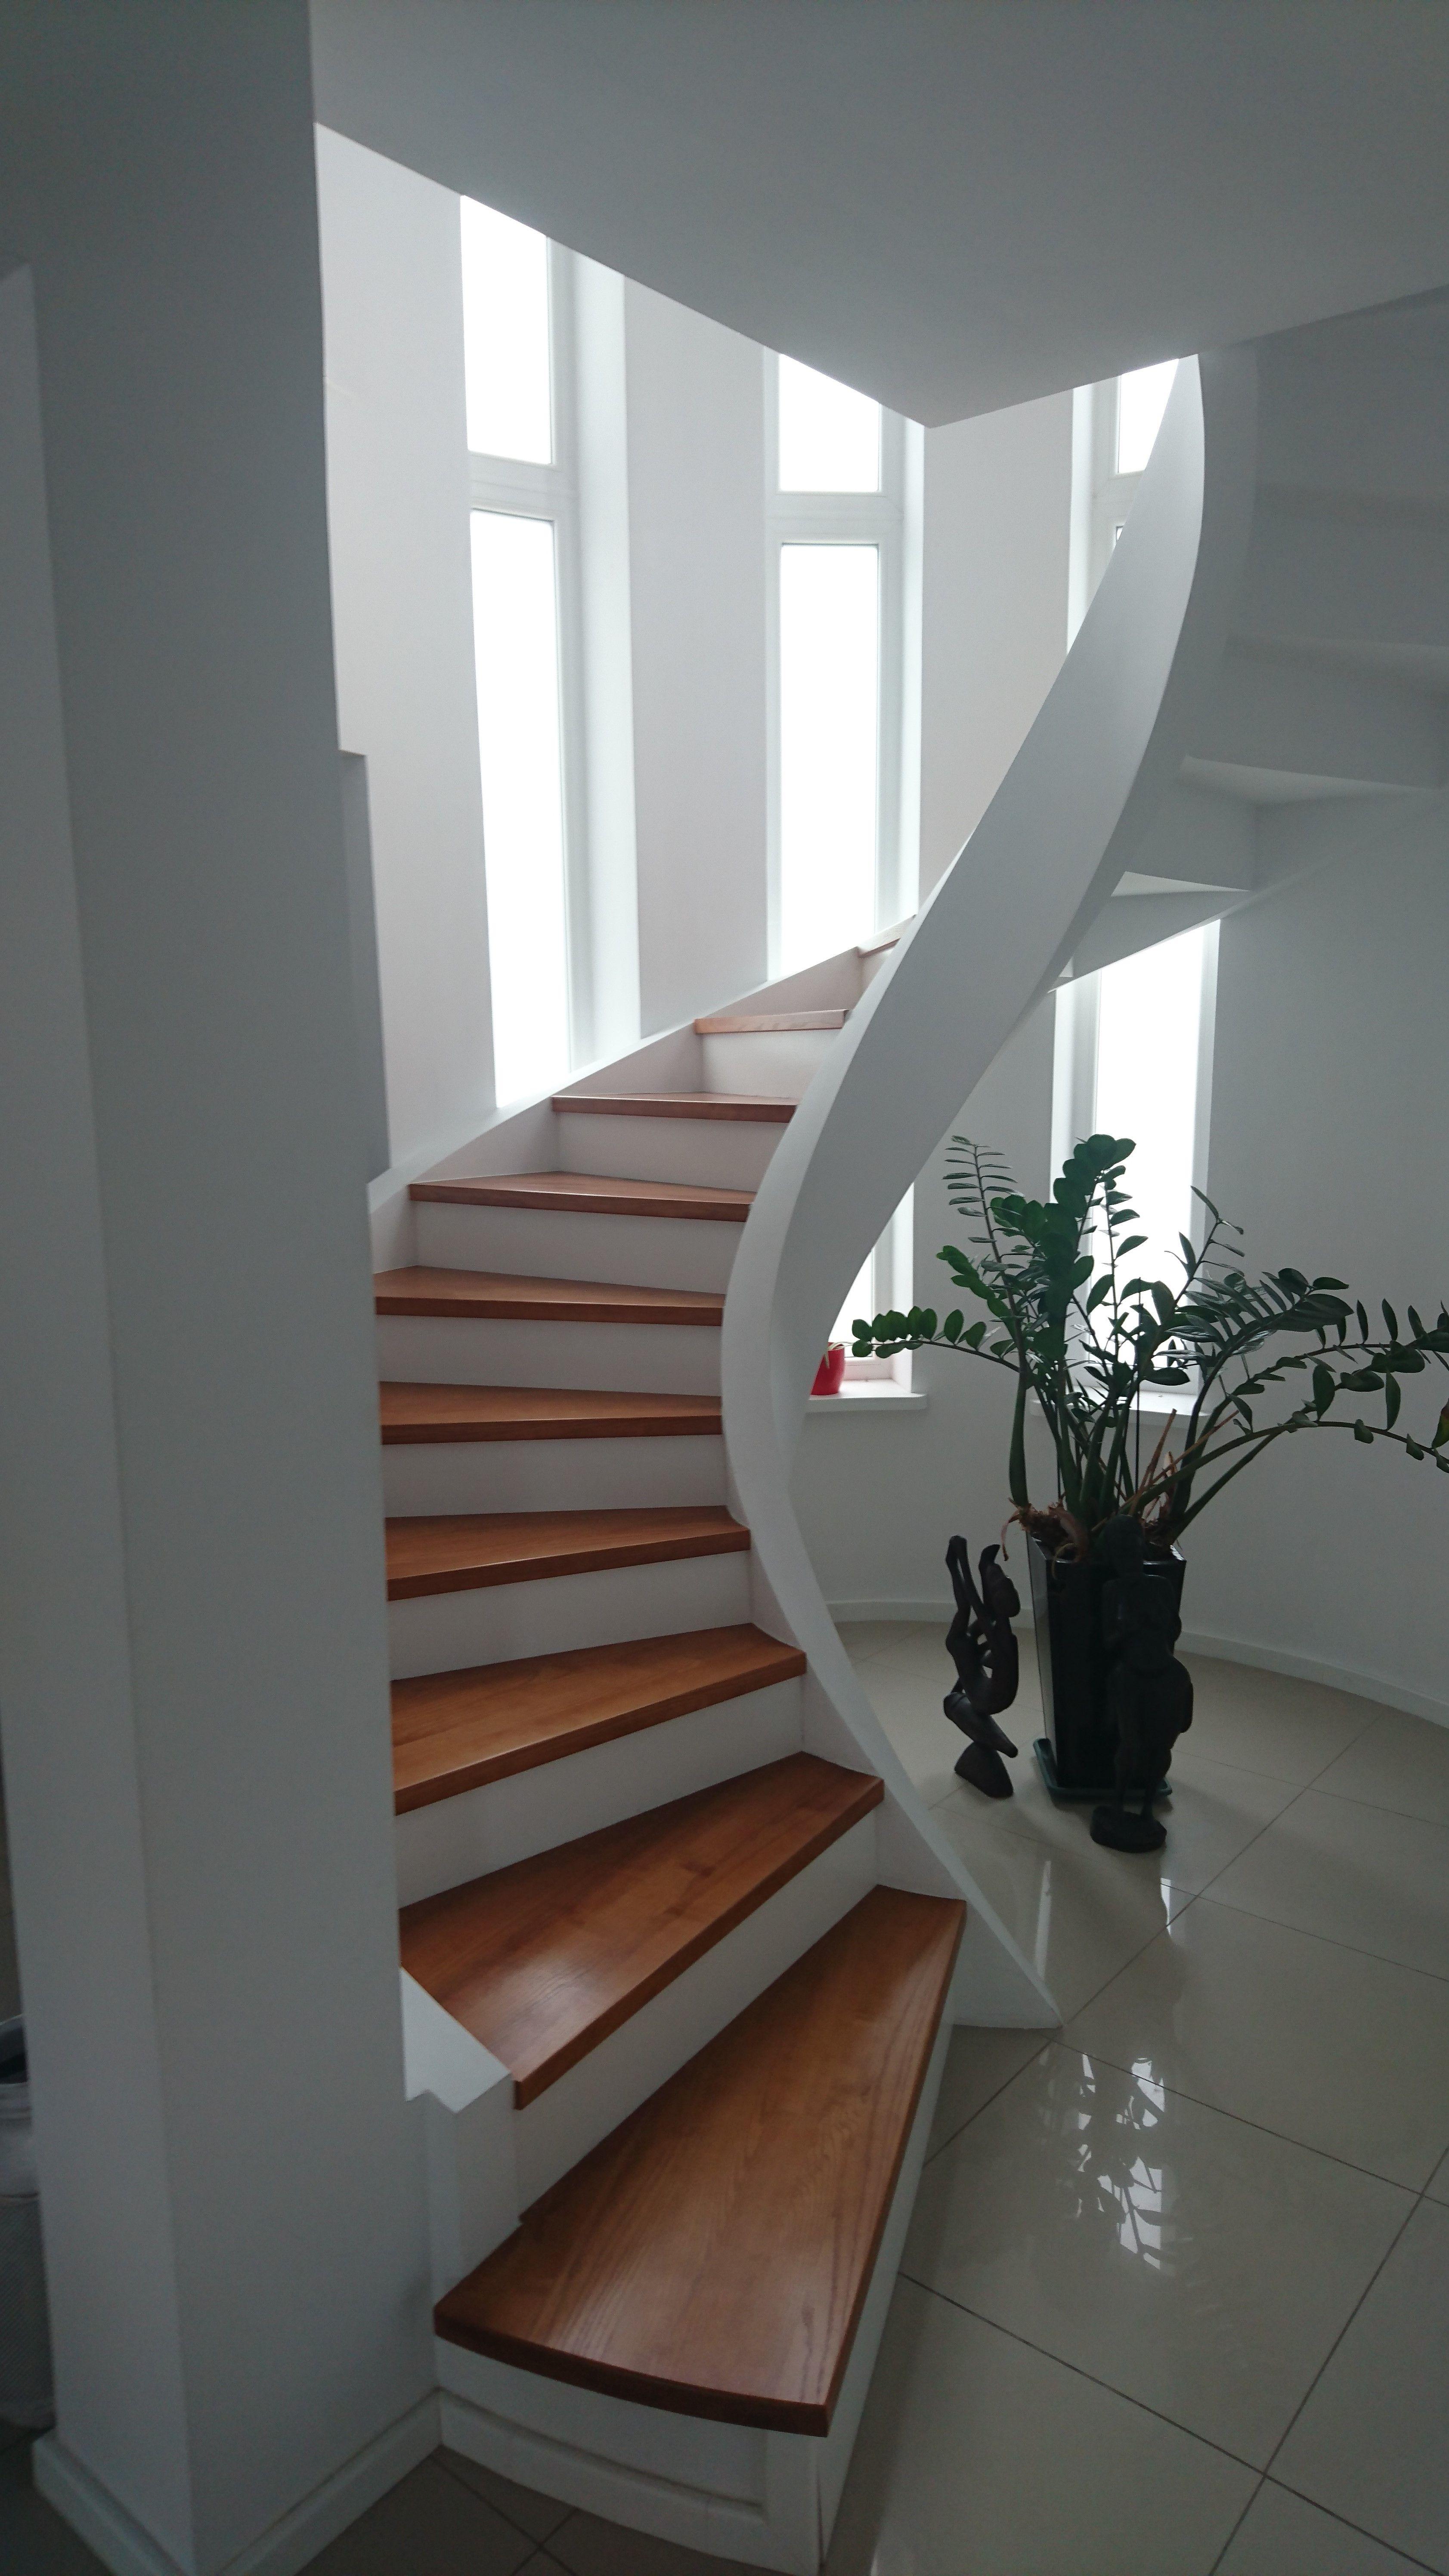 Home Treppe Haus Haus Innenarchitektur Treppendesign